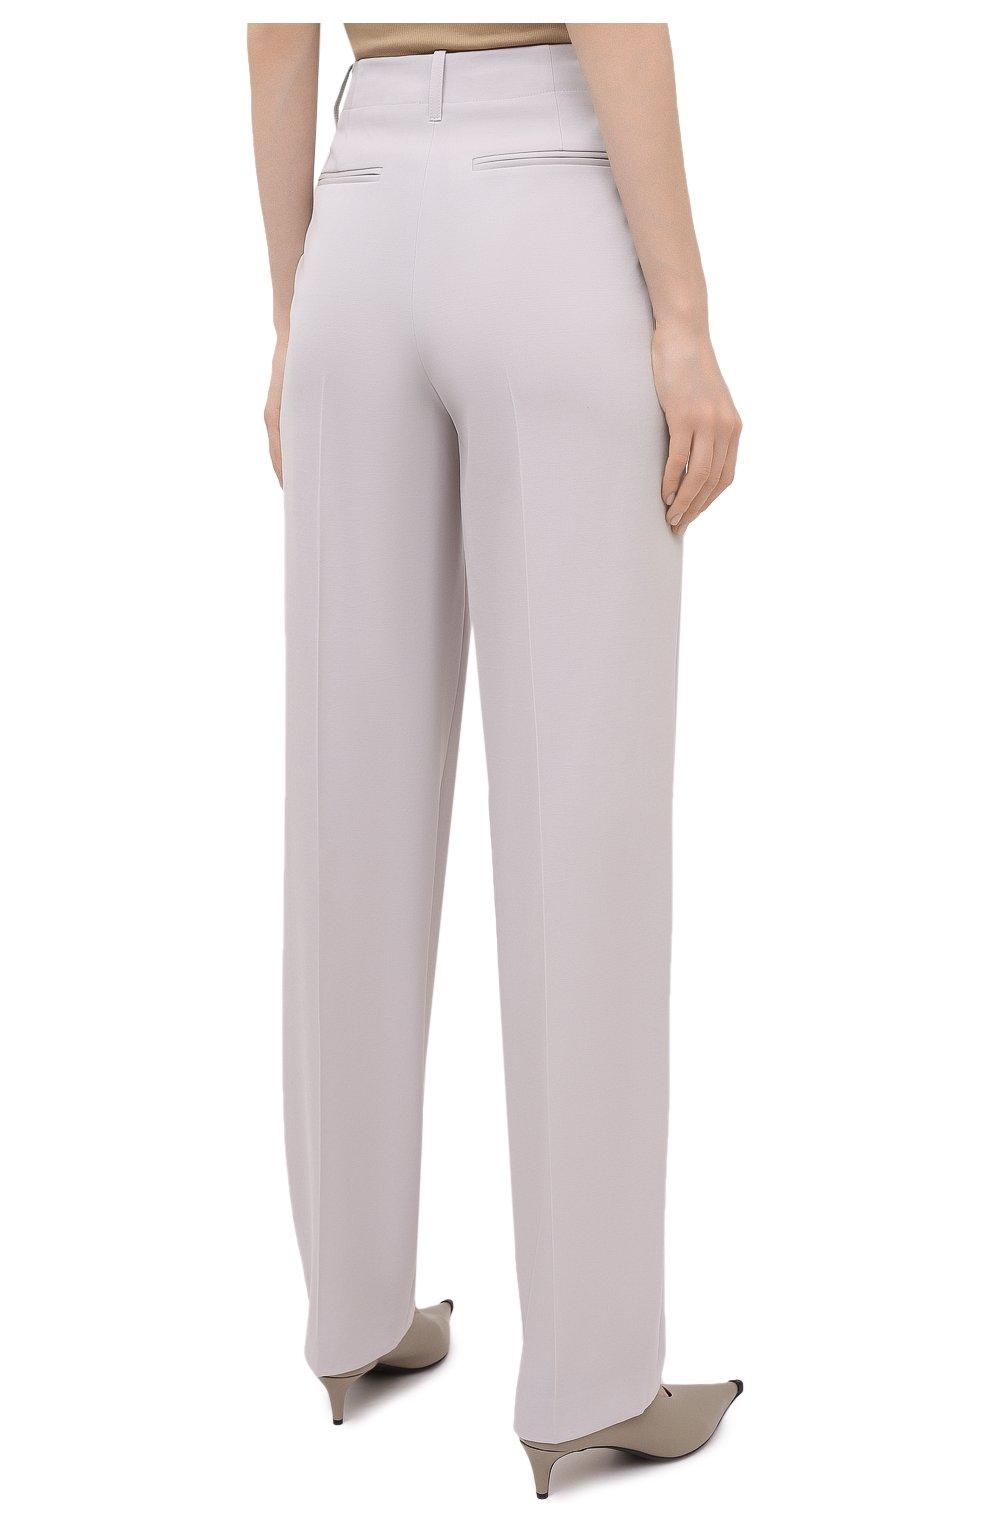 Женские шерстяные брюки STELLA MCCARTNEY светло-серого цвета, арт. 602439/SPA28 | Фото 4 (Длина (брюки, джинсы): Удлиненные; Материал внешний: Шерсть; Женское Кросс-КТ: Брюки-одежда; Силуэт Ж (брюки и джинсы): Прямые; Стили: Кэжуэл)